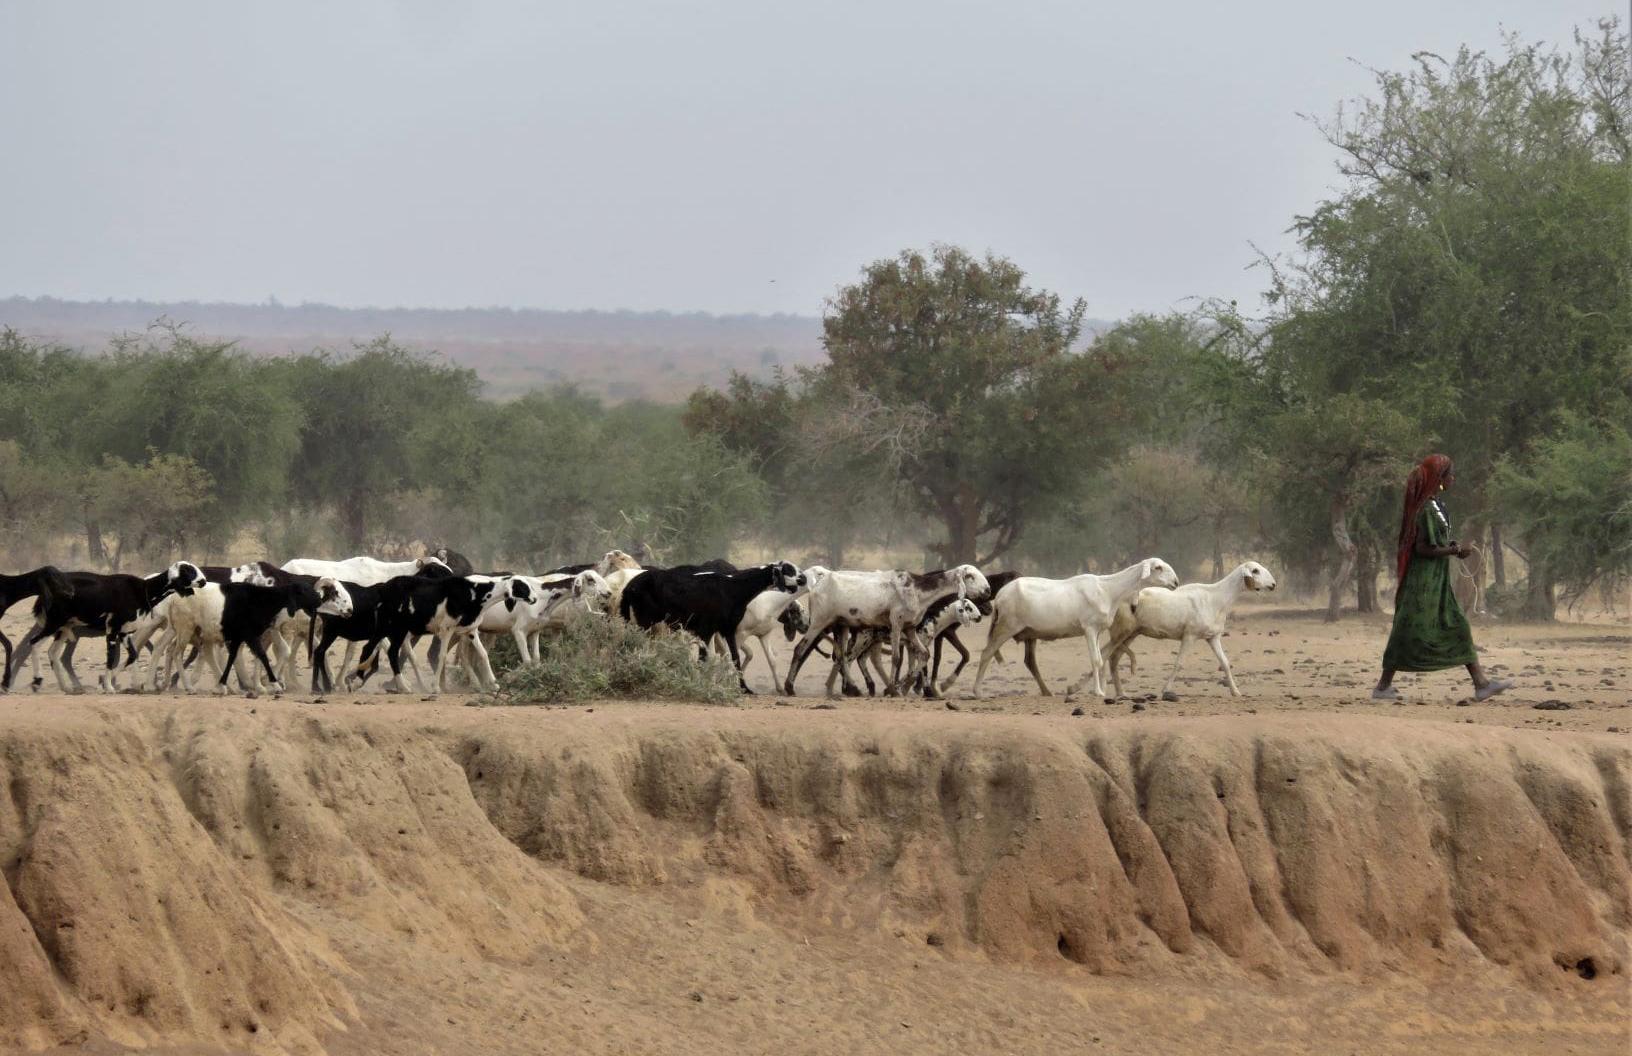 Tous les matins dans le principal marigot dans les environs de Mongo, de la taille d'un demi-terrain de football, les troupeaux des nomades installés à proximité viennent s'abreuver. L'eau est tellement rare que les hommes eux-mêmes doivent parfois boire cette eau boueuse.